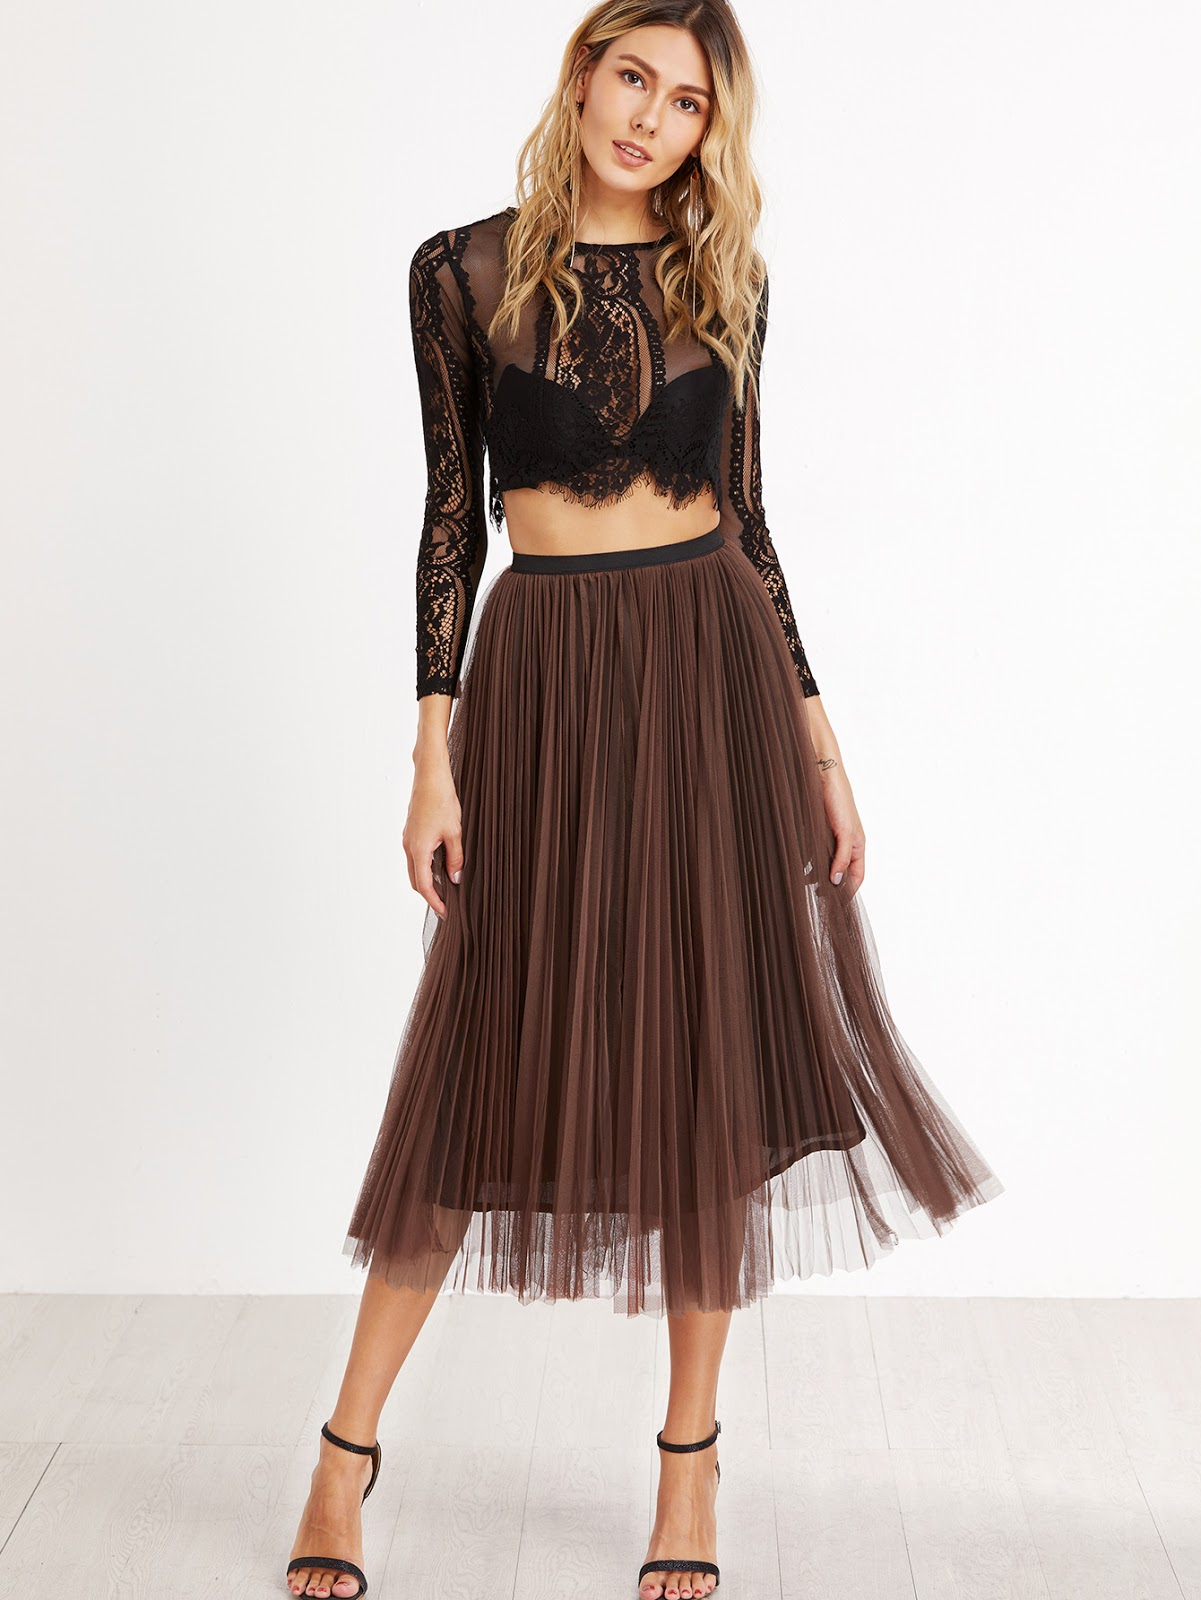 Camel Mesh Overlay Pleated Skirt